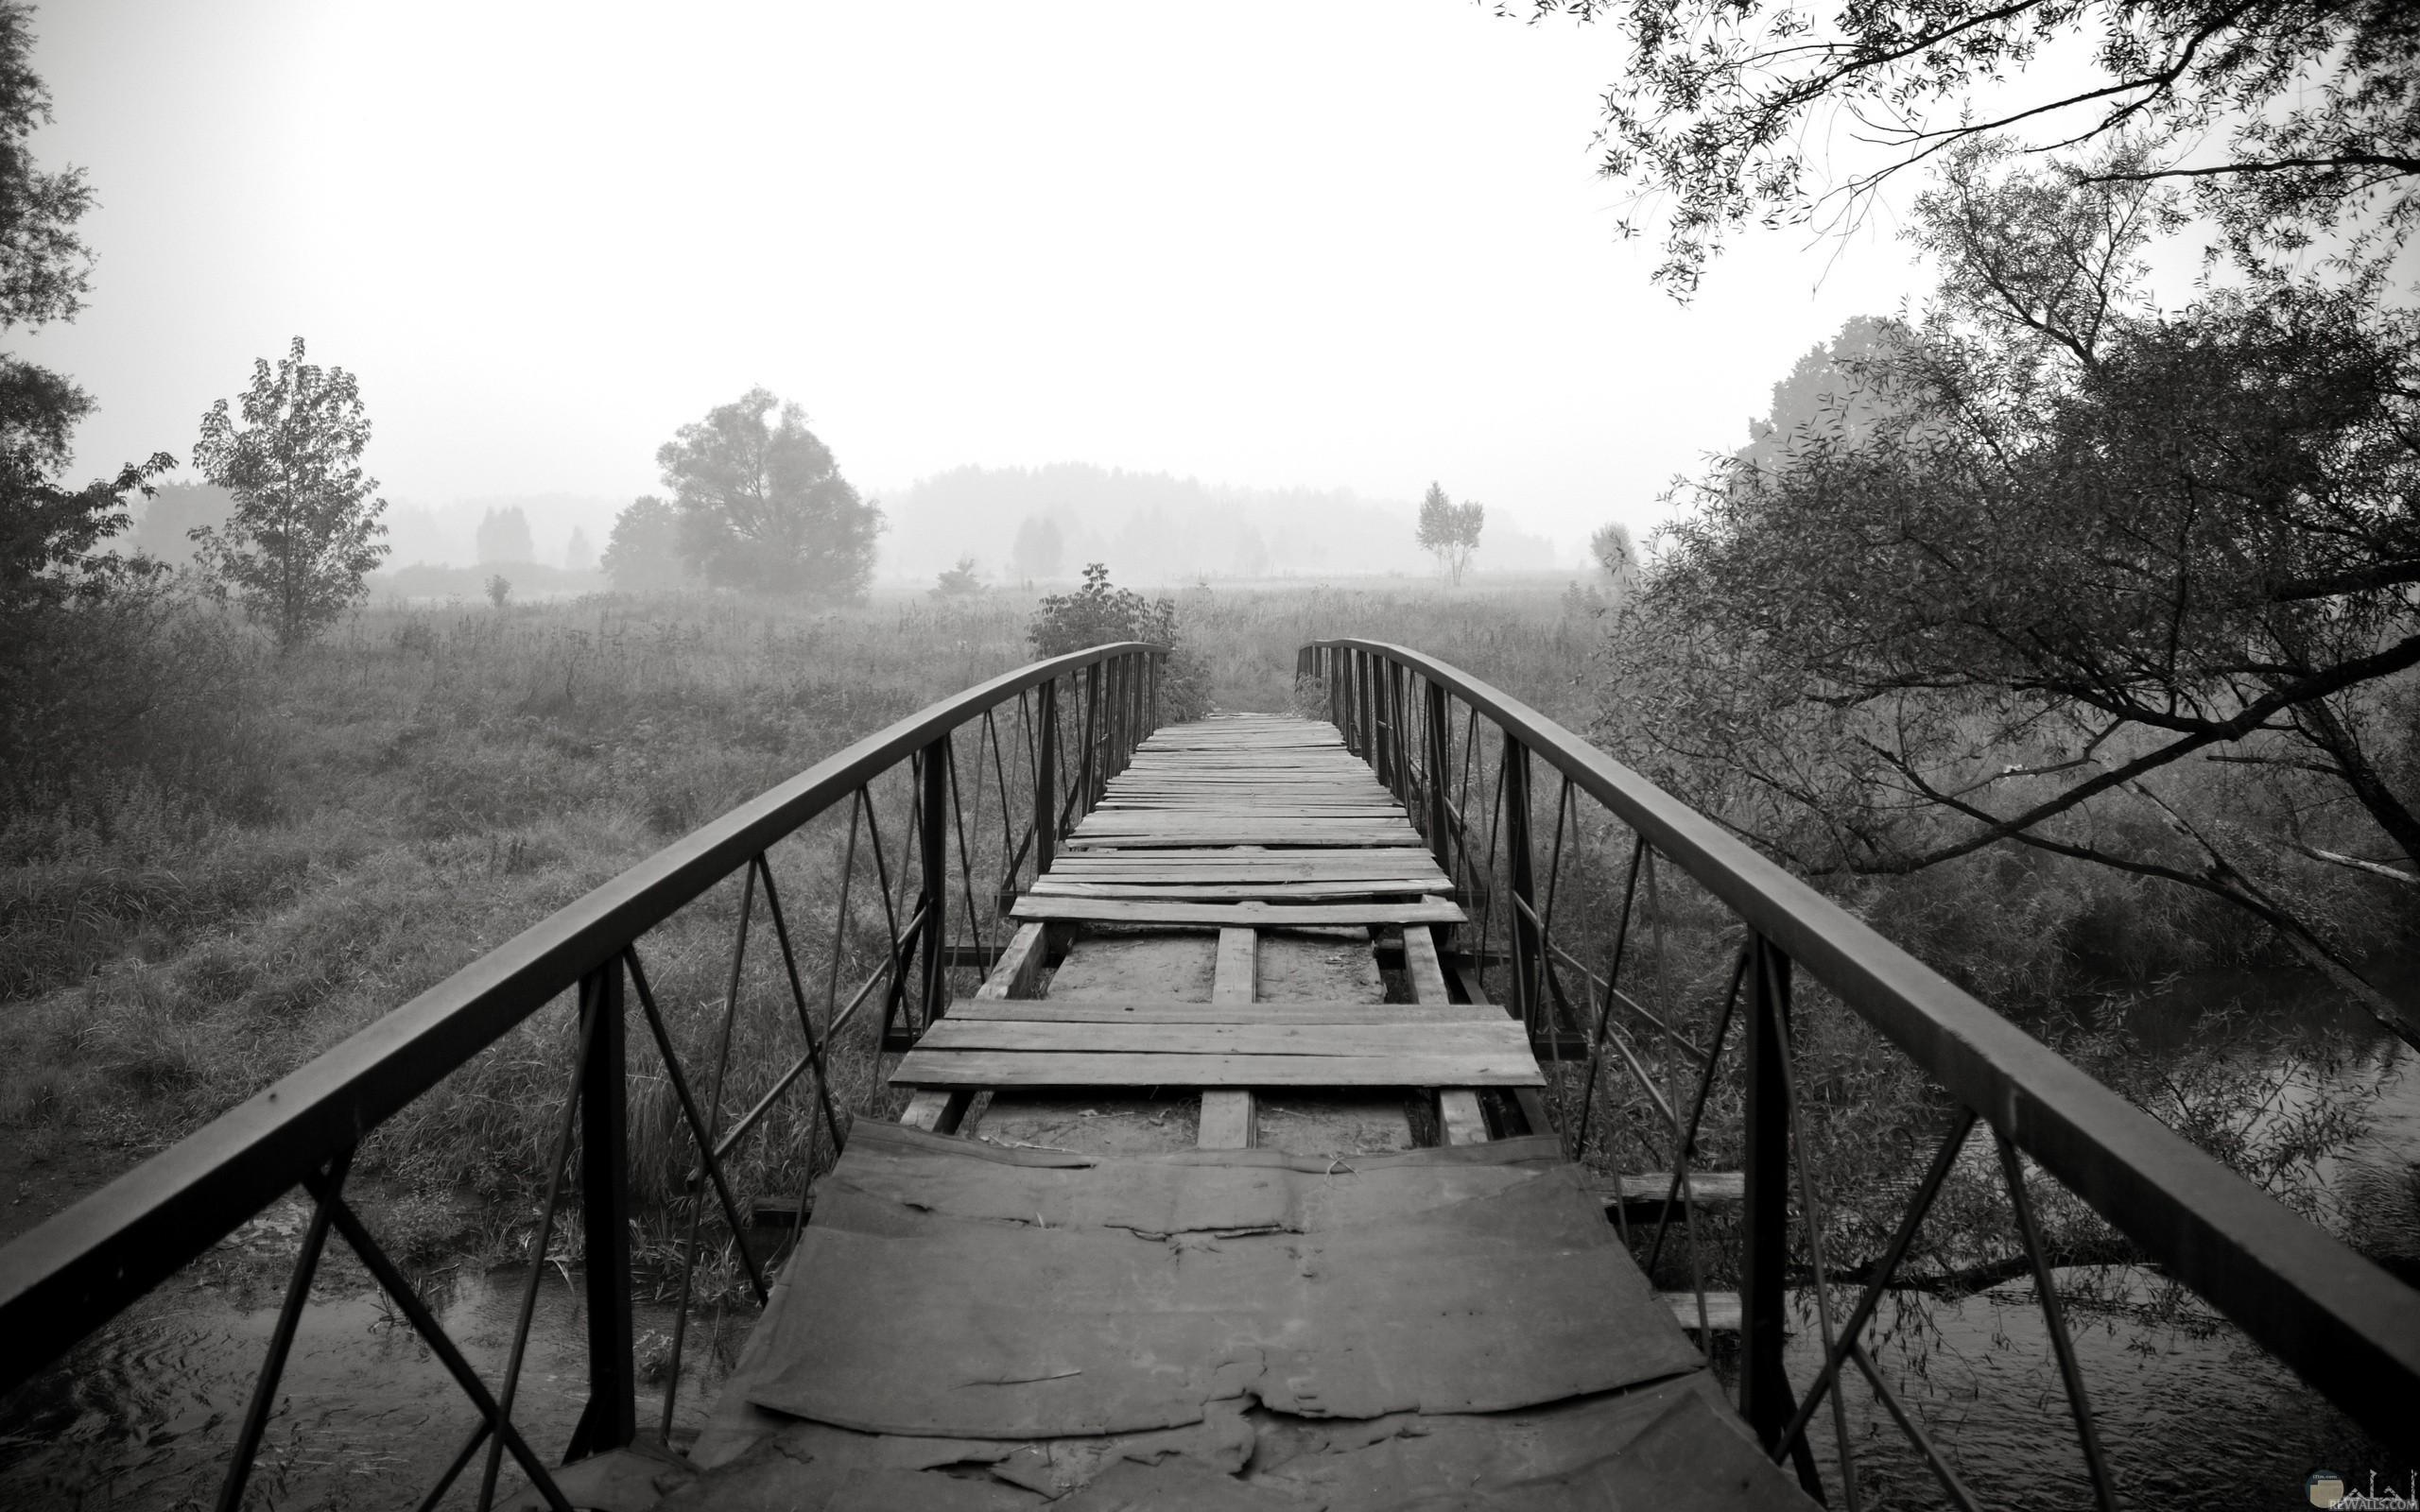 صورة حزينة لمنظر جسر متهالك وقديم